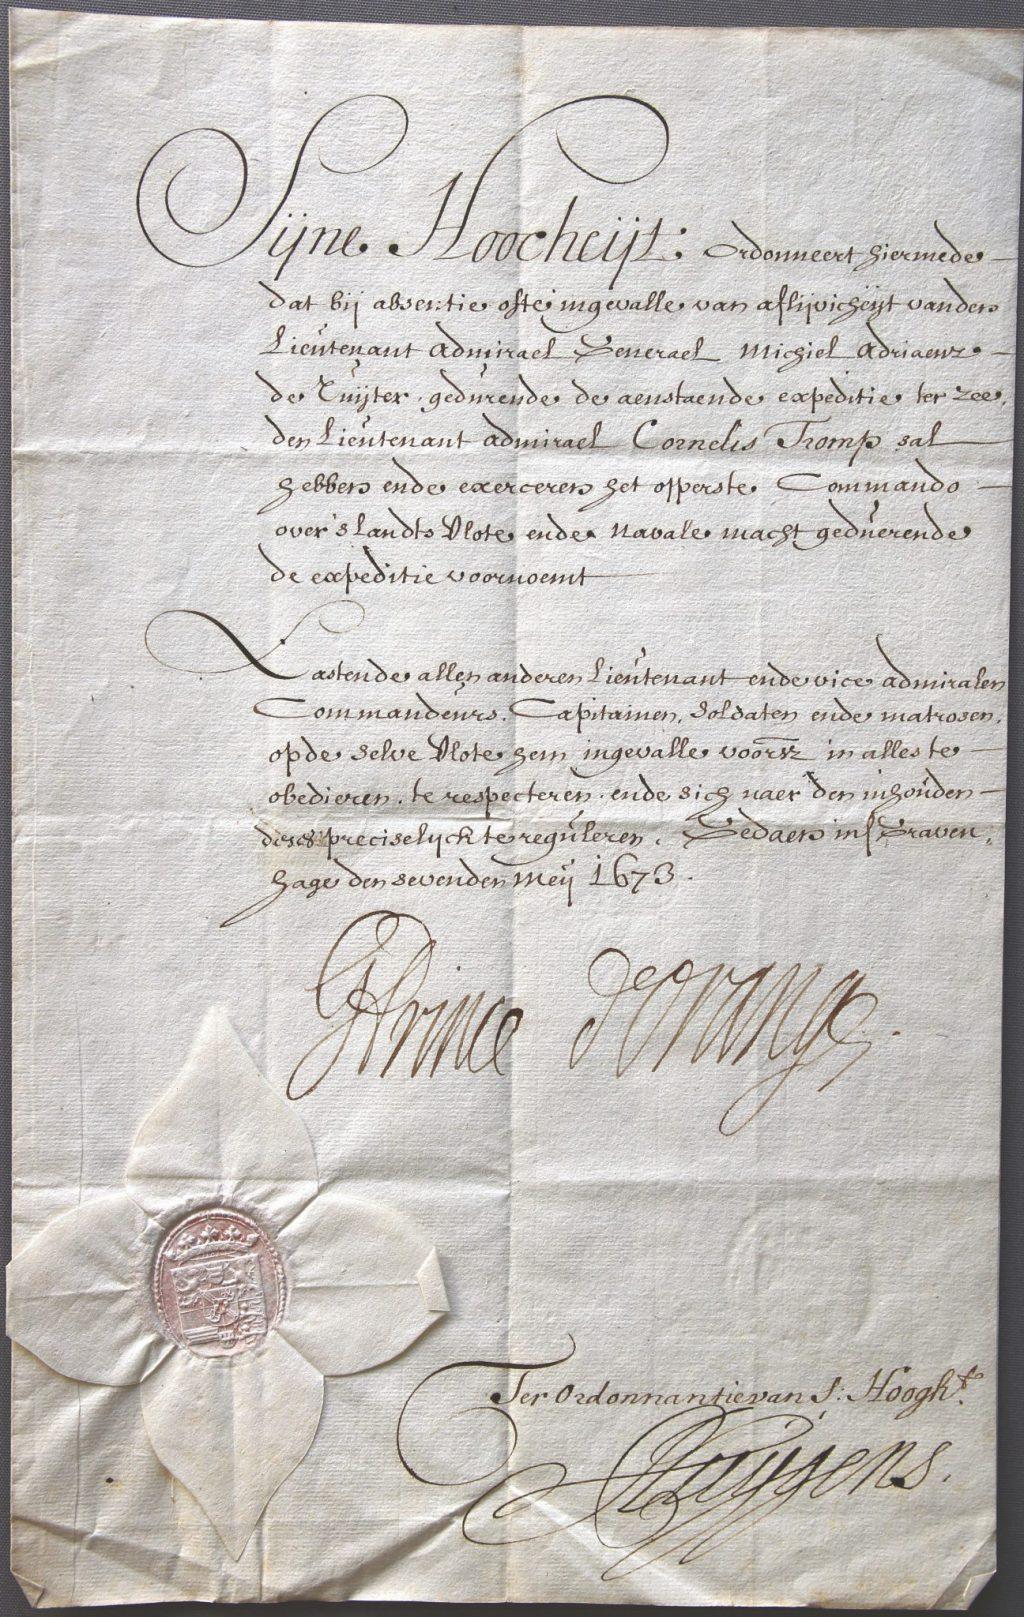 Akte waarbij Willem III aan Cornelis Tromp het opperbevel over de vloot verleent in geval van afwezigheid of overlijden van Michiel de Ruyter, 7 mei 1673 (Archief 845, inv.nr 21)